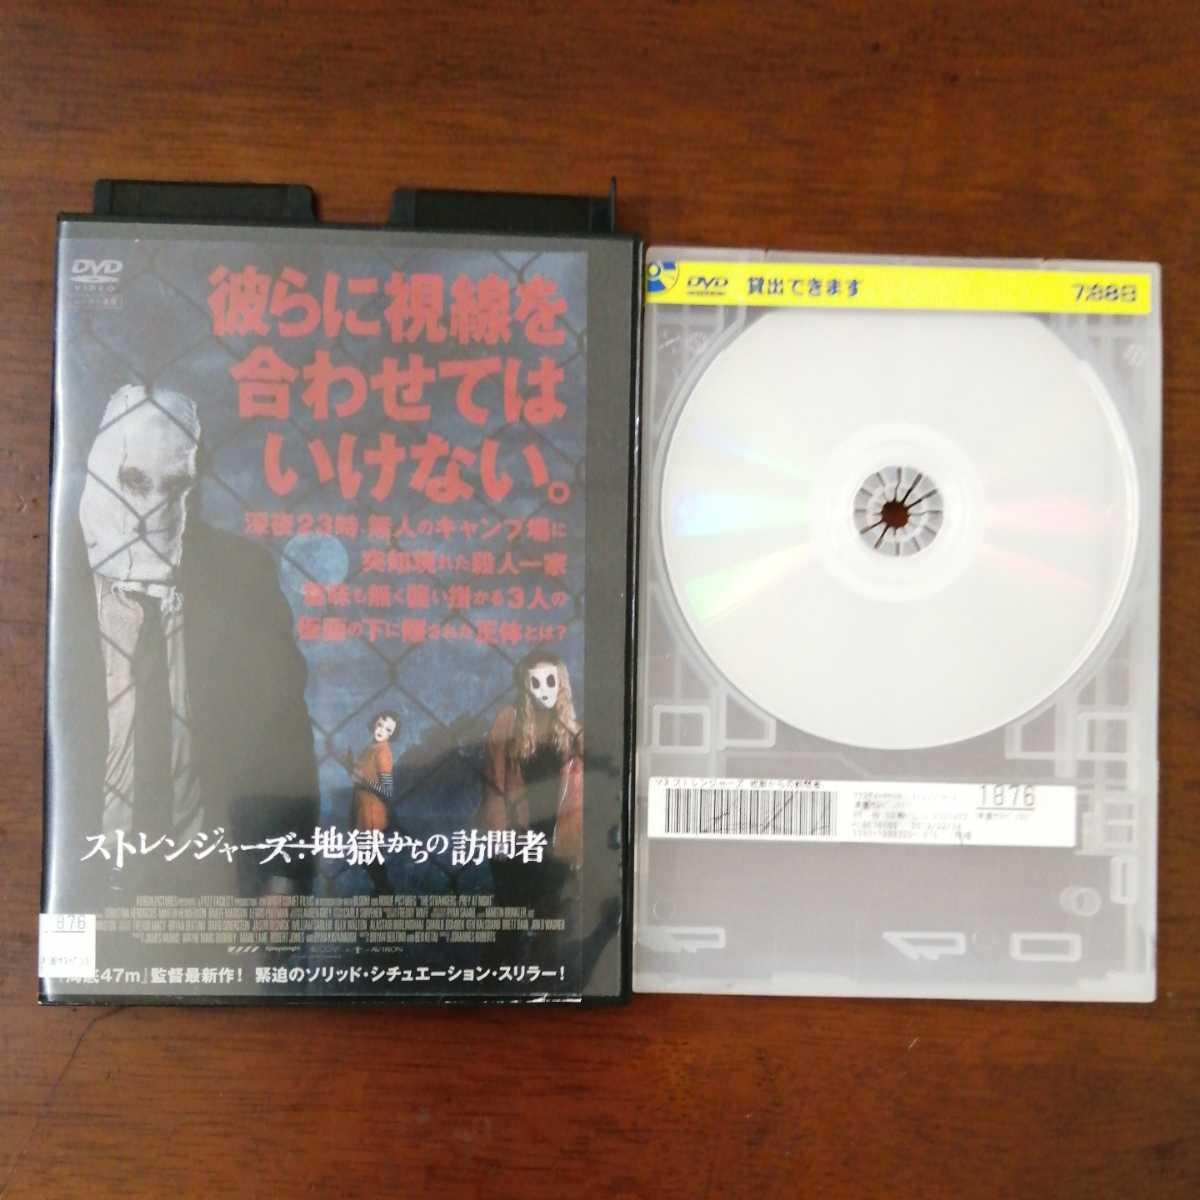 レンタル版DVD◆ストレンジャーズ 地獄からの訪問者/クリスティーナ・ヘンドリックス, マーティン・ヘンダーソン